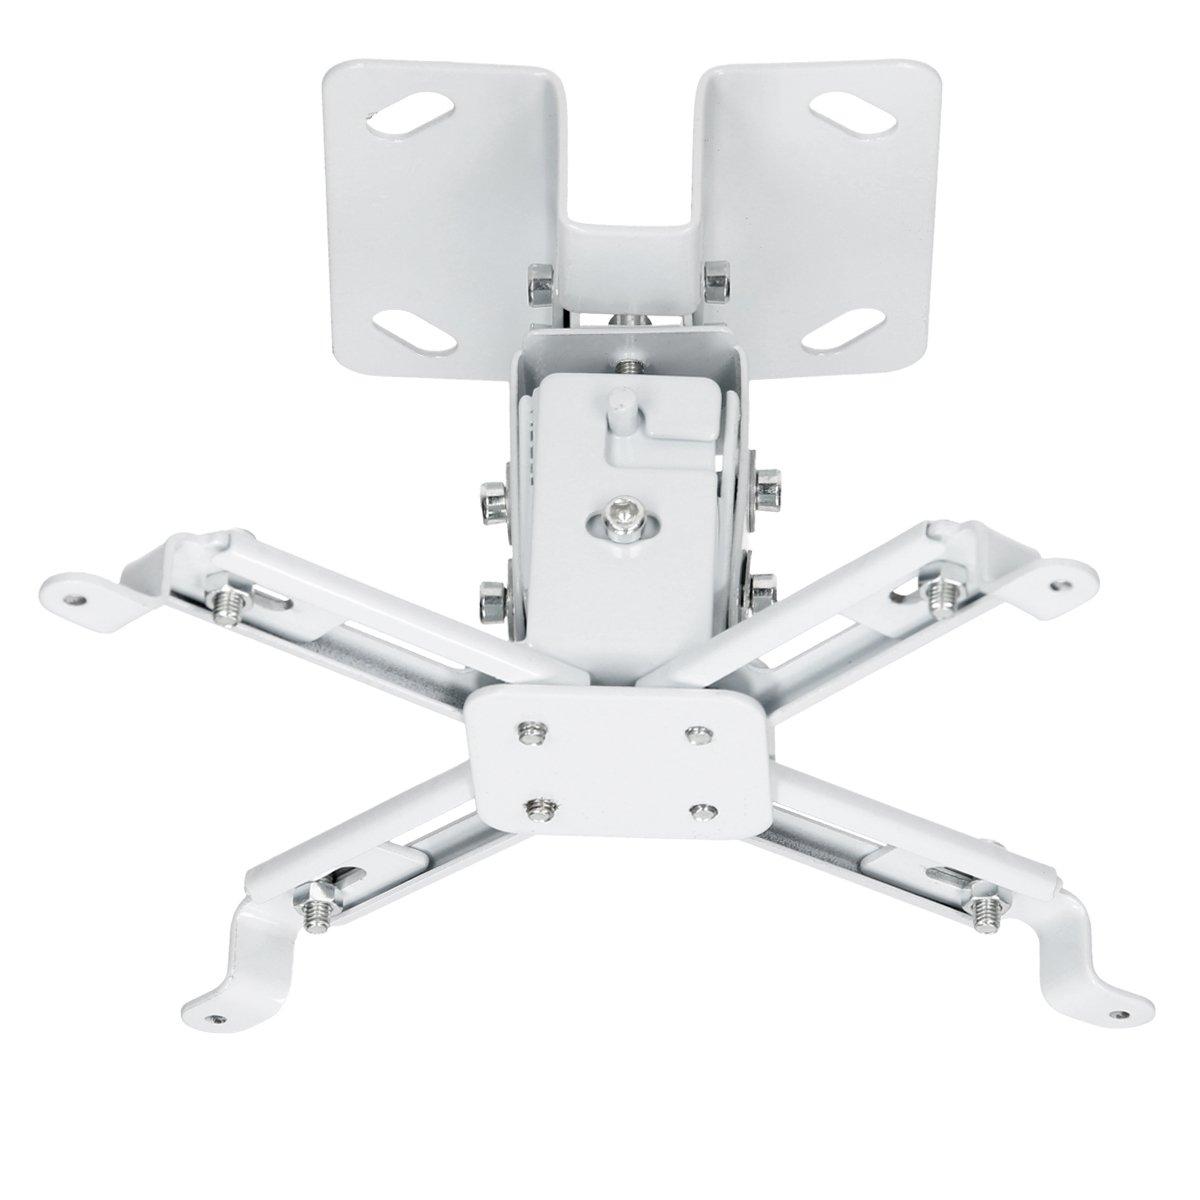 TALLA Universal. ECD Germany Soporte Universal para Proyector de Videos Capacidad de 25kg con 90mm de Distancia al Techo Color Blanco Incluye Taquetes y Tornillos para Montaje